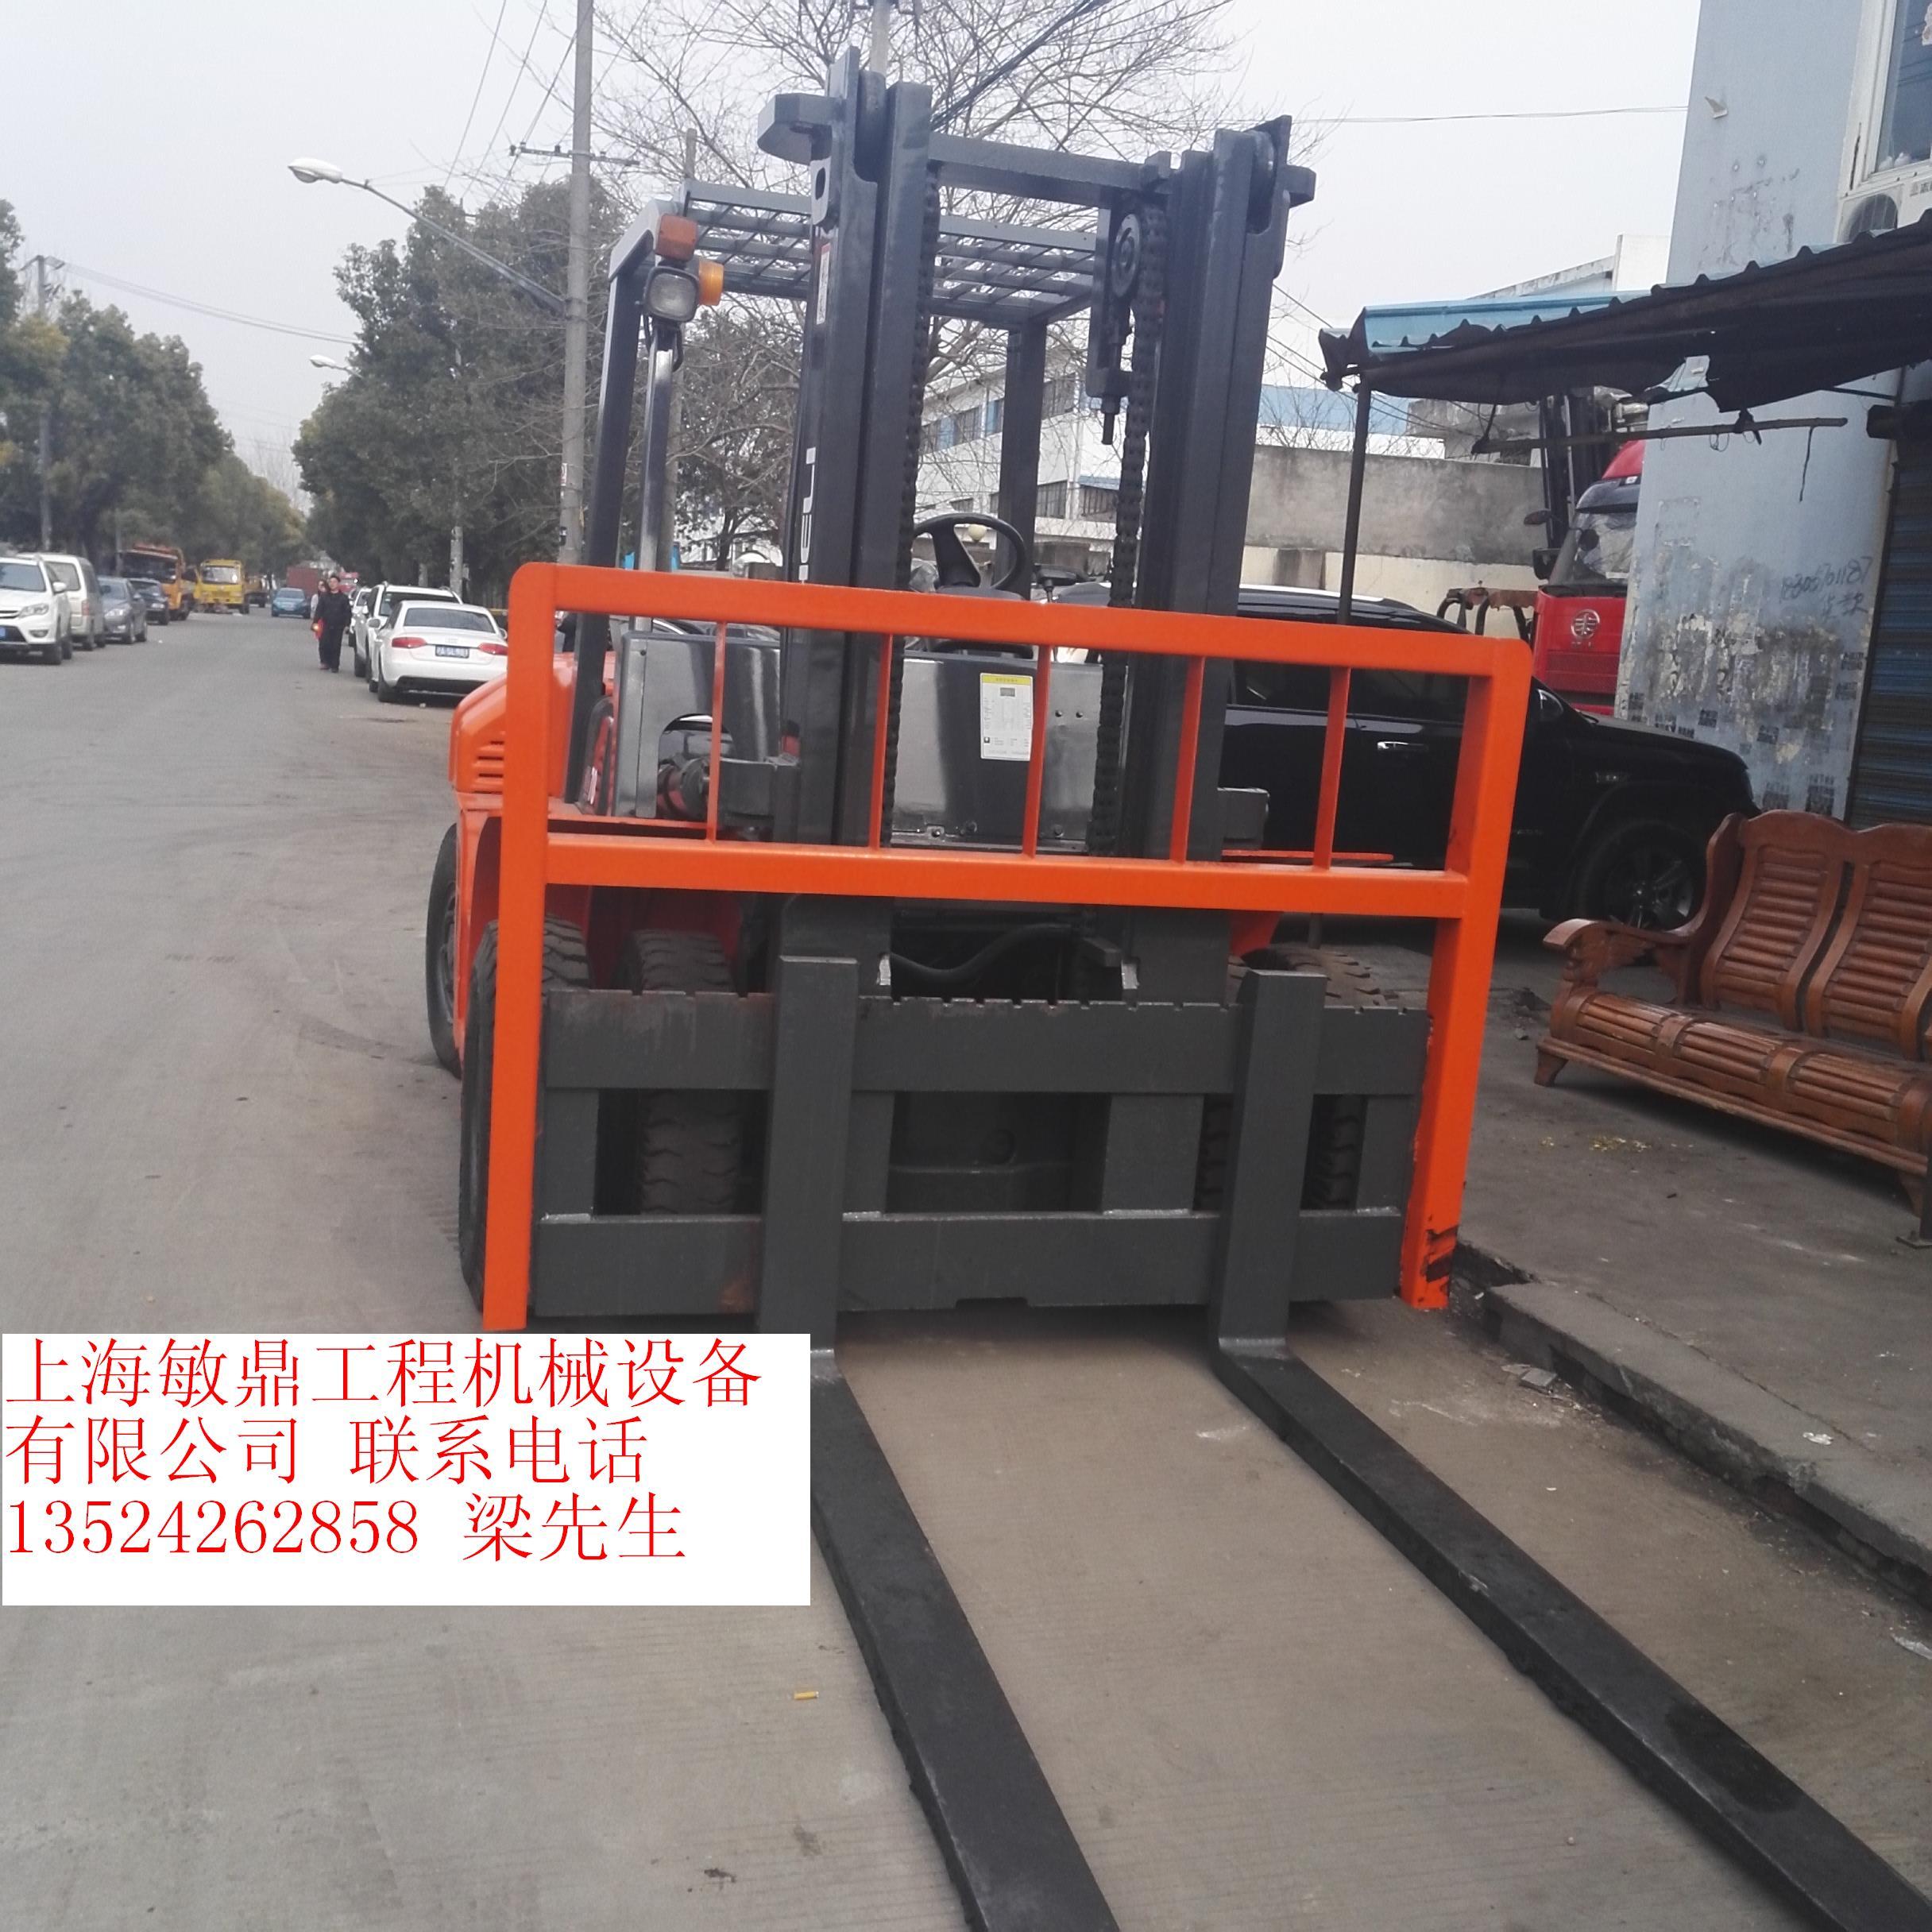 二手合力叉车 3吨叉车上海二手10吨叉车  上海二手16吨叉车出售  上海二手30吨叉车二手电瓶叉车